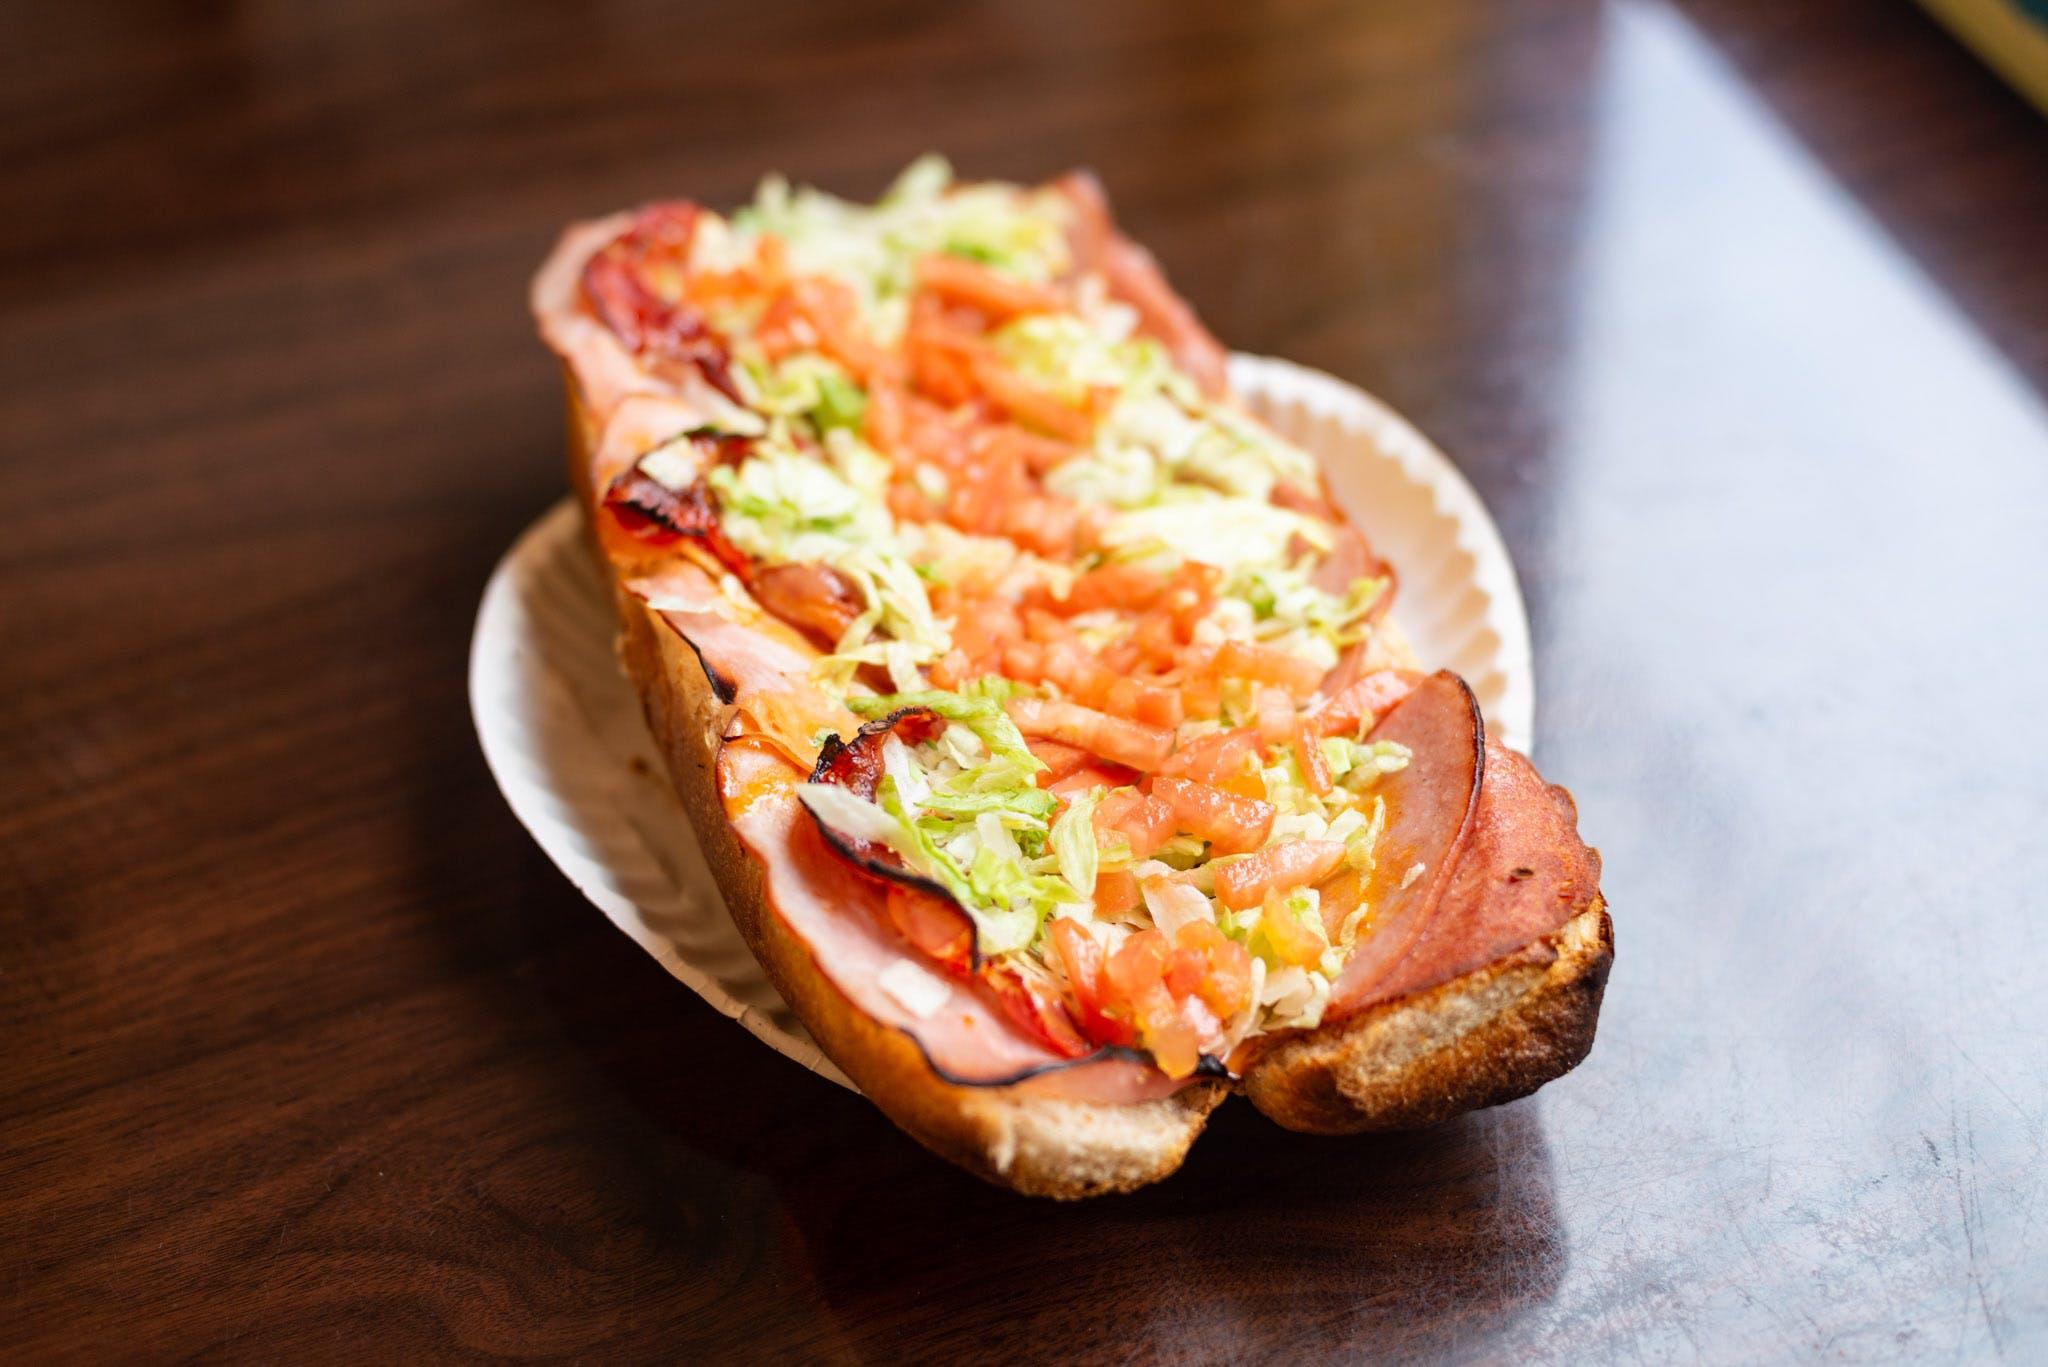 Torpedo Sub from Pizza Bob's in Ann Arbor, MI